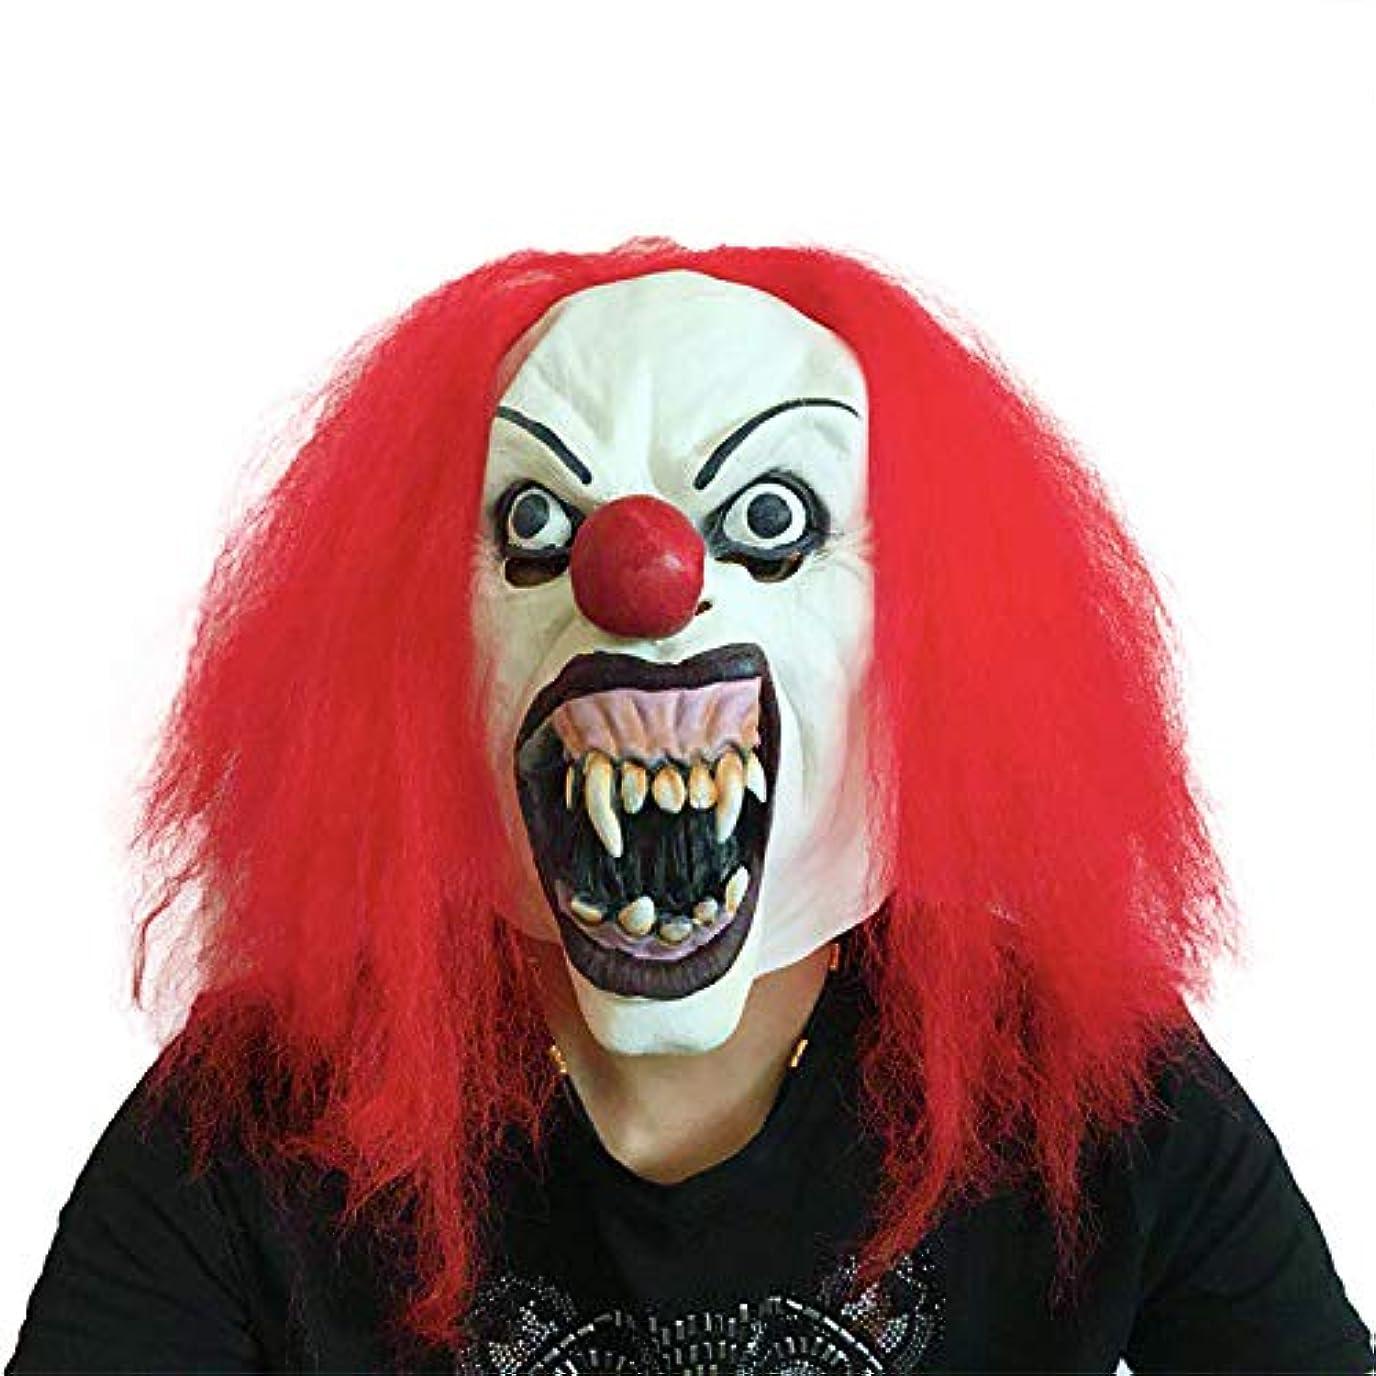 ロッジ破壊する民兵ハロウィーン仮装パフォーマンスをマスクおかしいピエロは、スプーフィング赤毛の幽霊を怖い小道具ショー